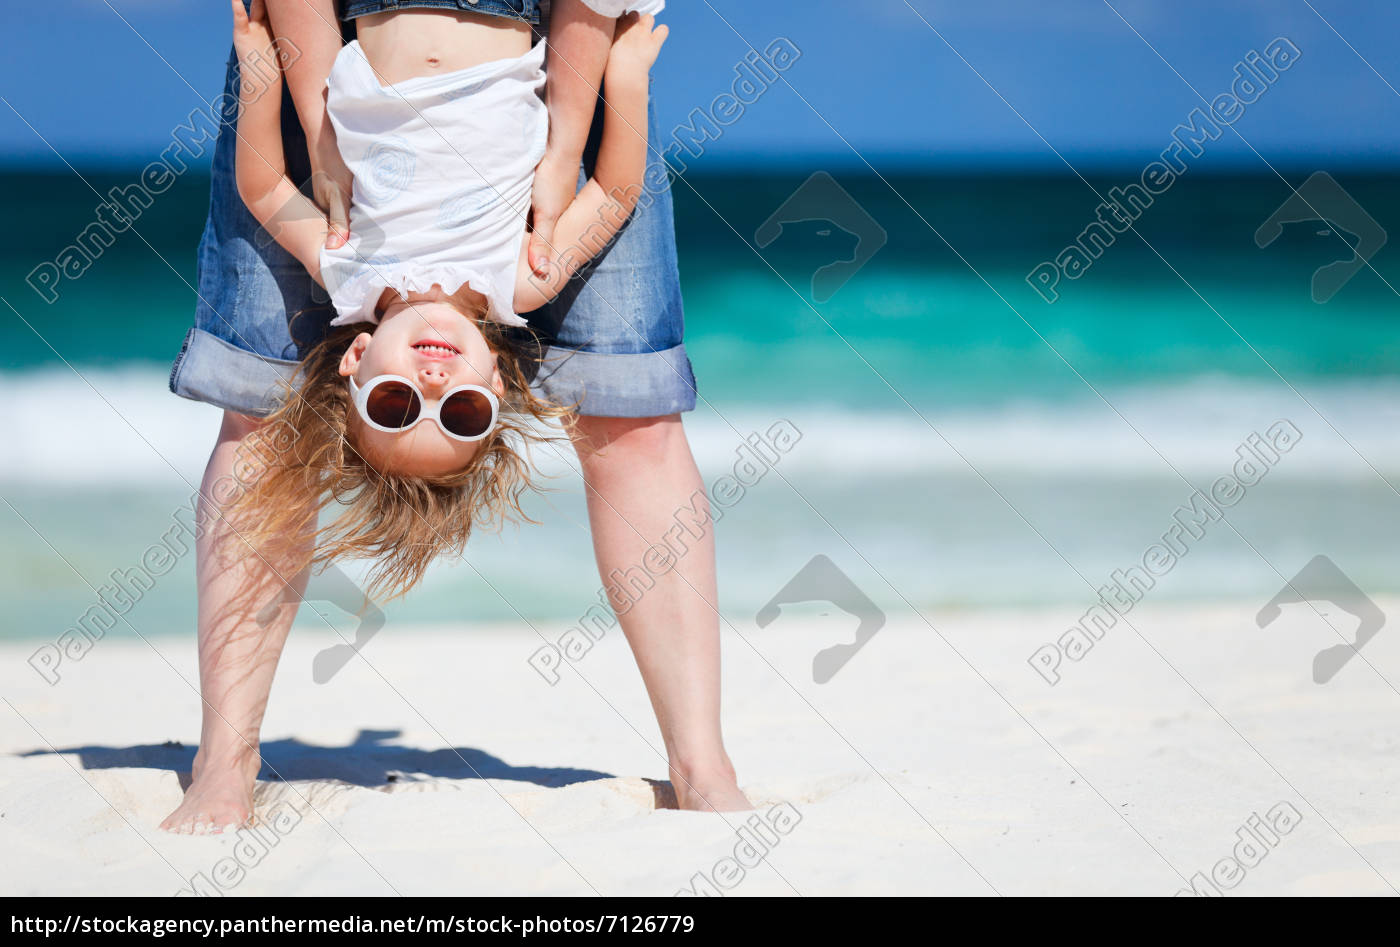 beach, fun - 7126779